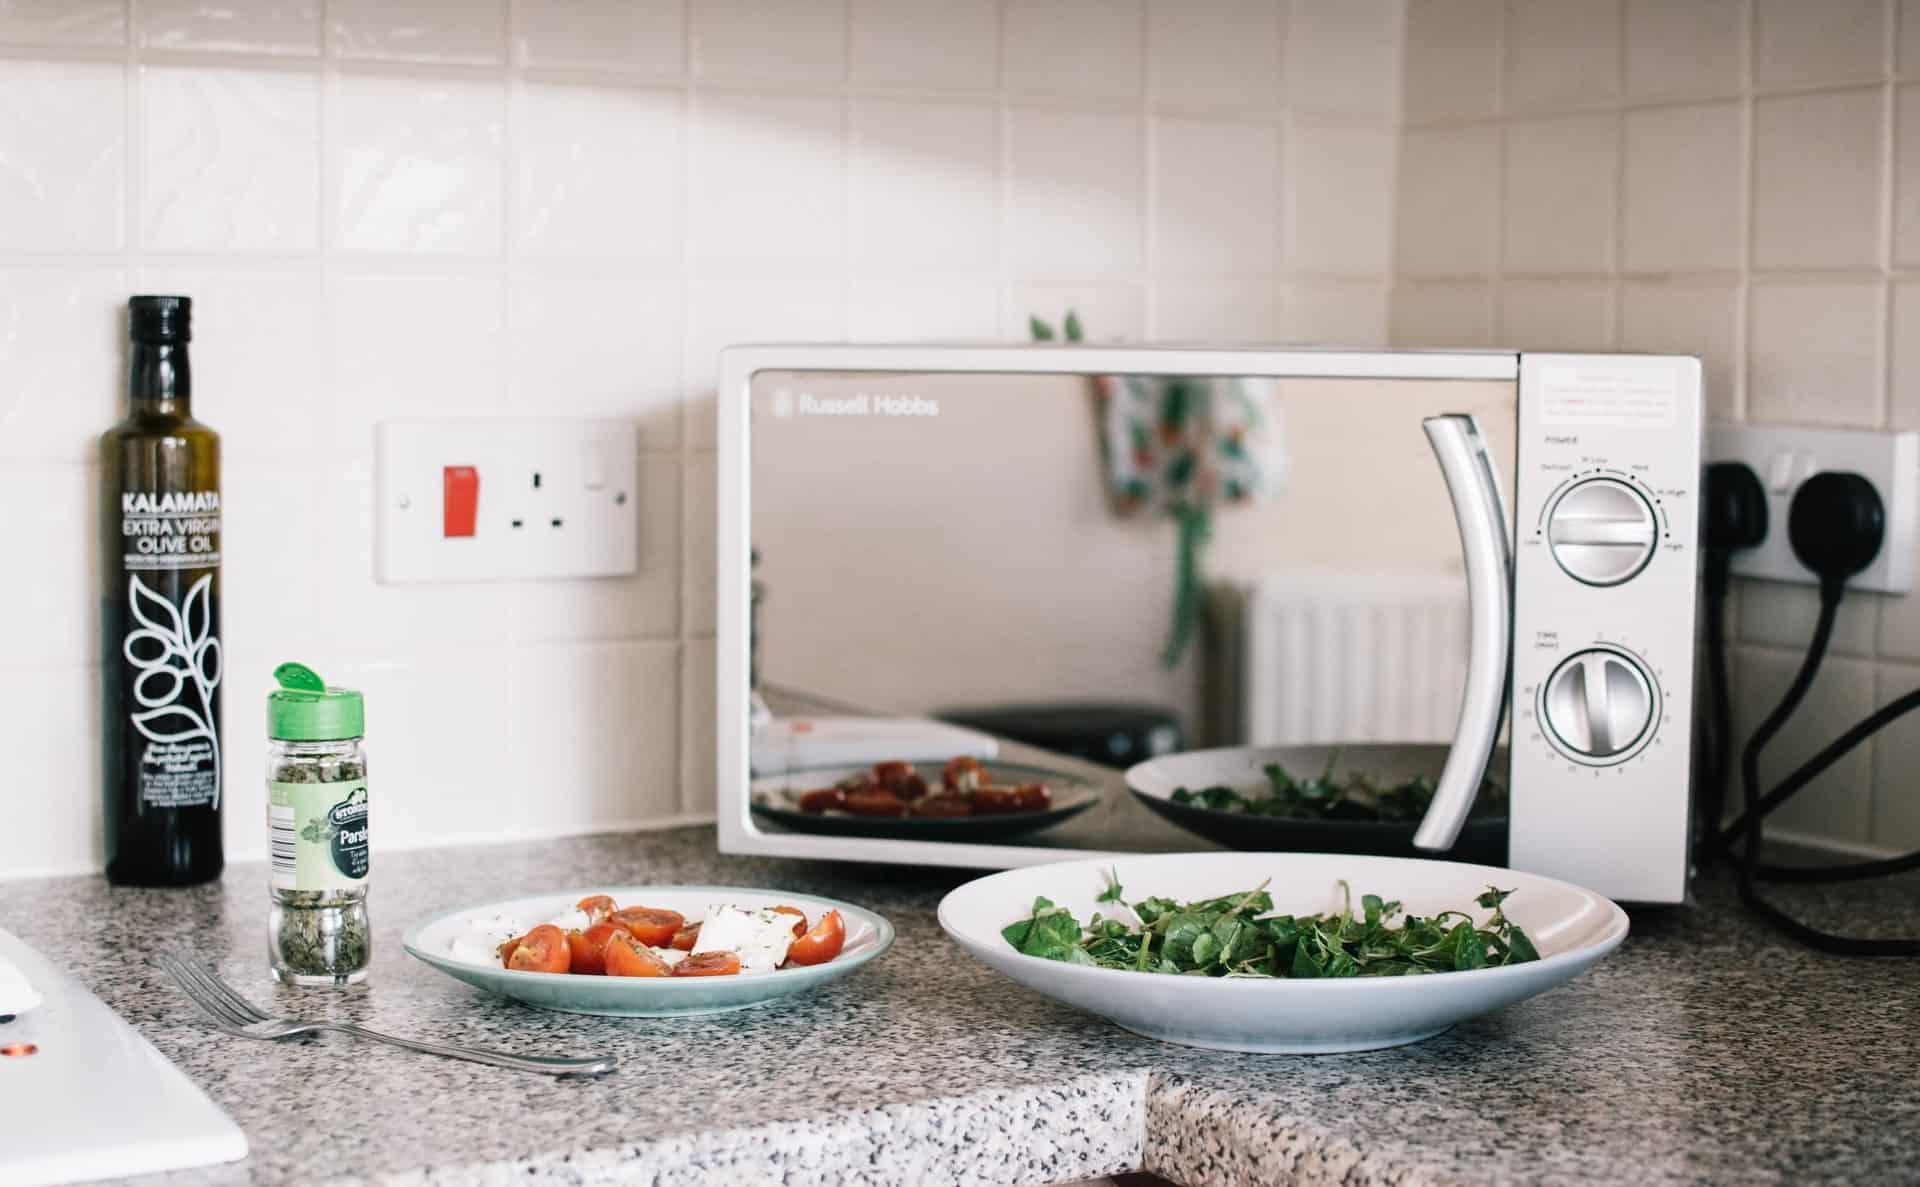 Mikrowelle mit Grill: Test & Empfehlungen (01/20)